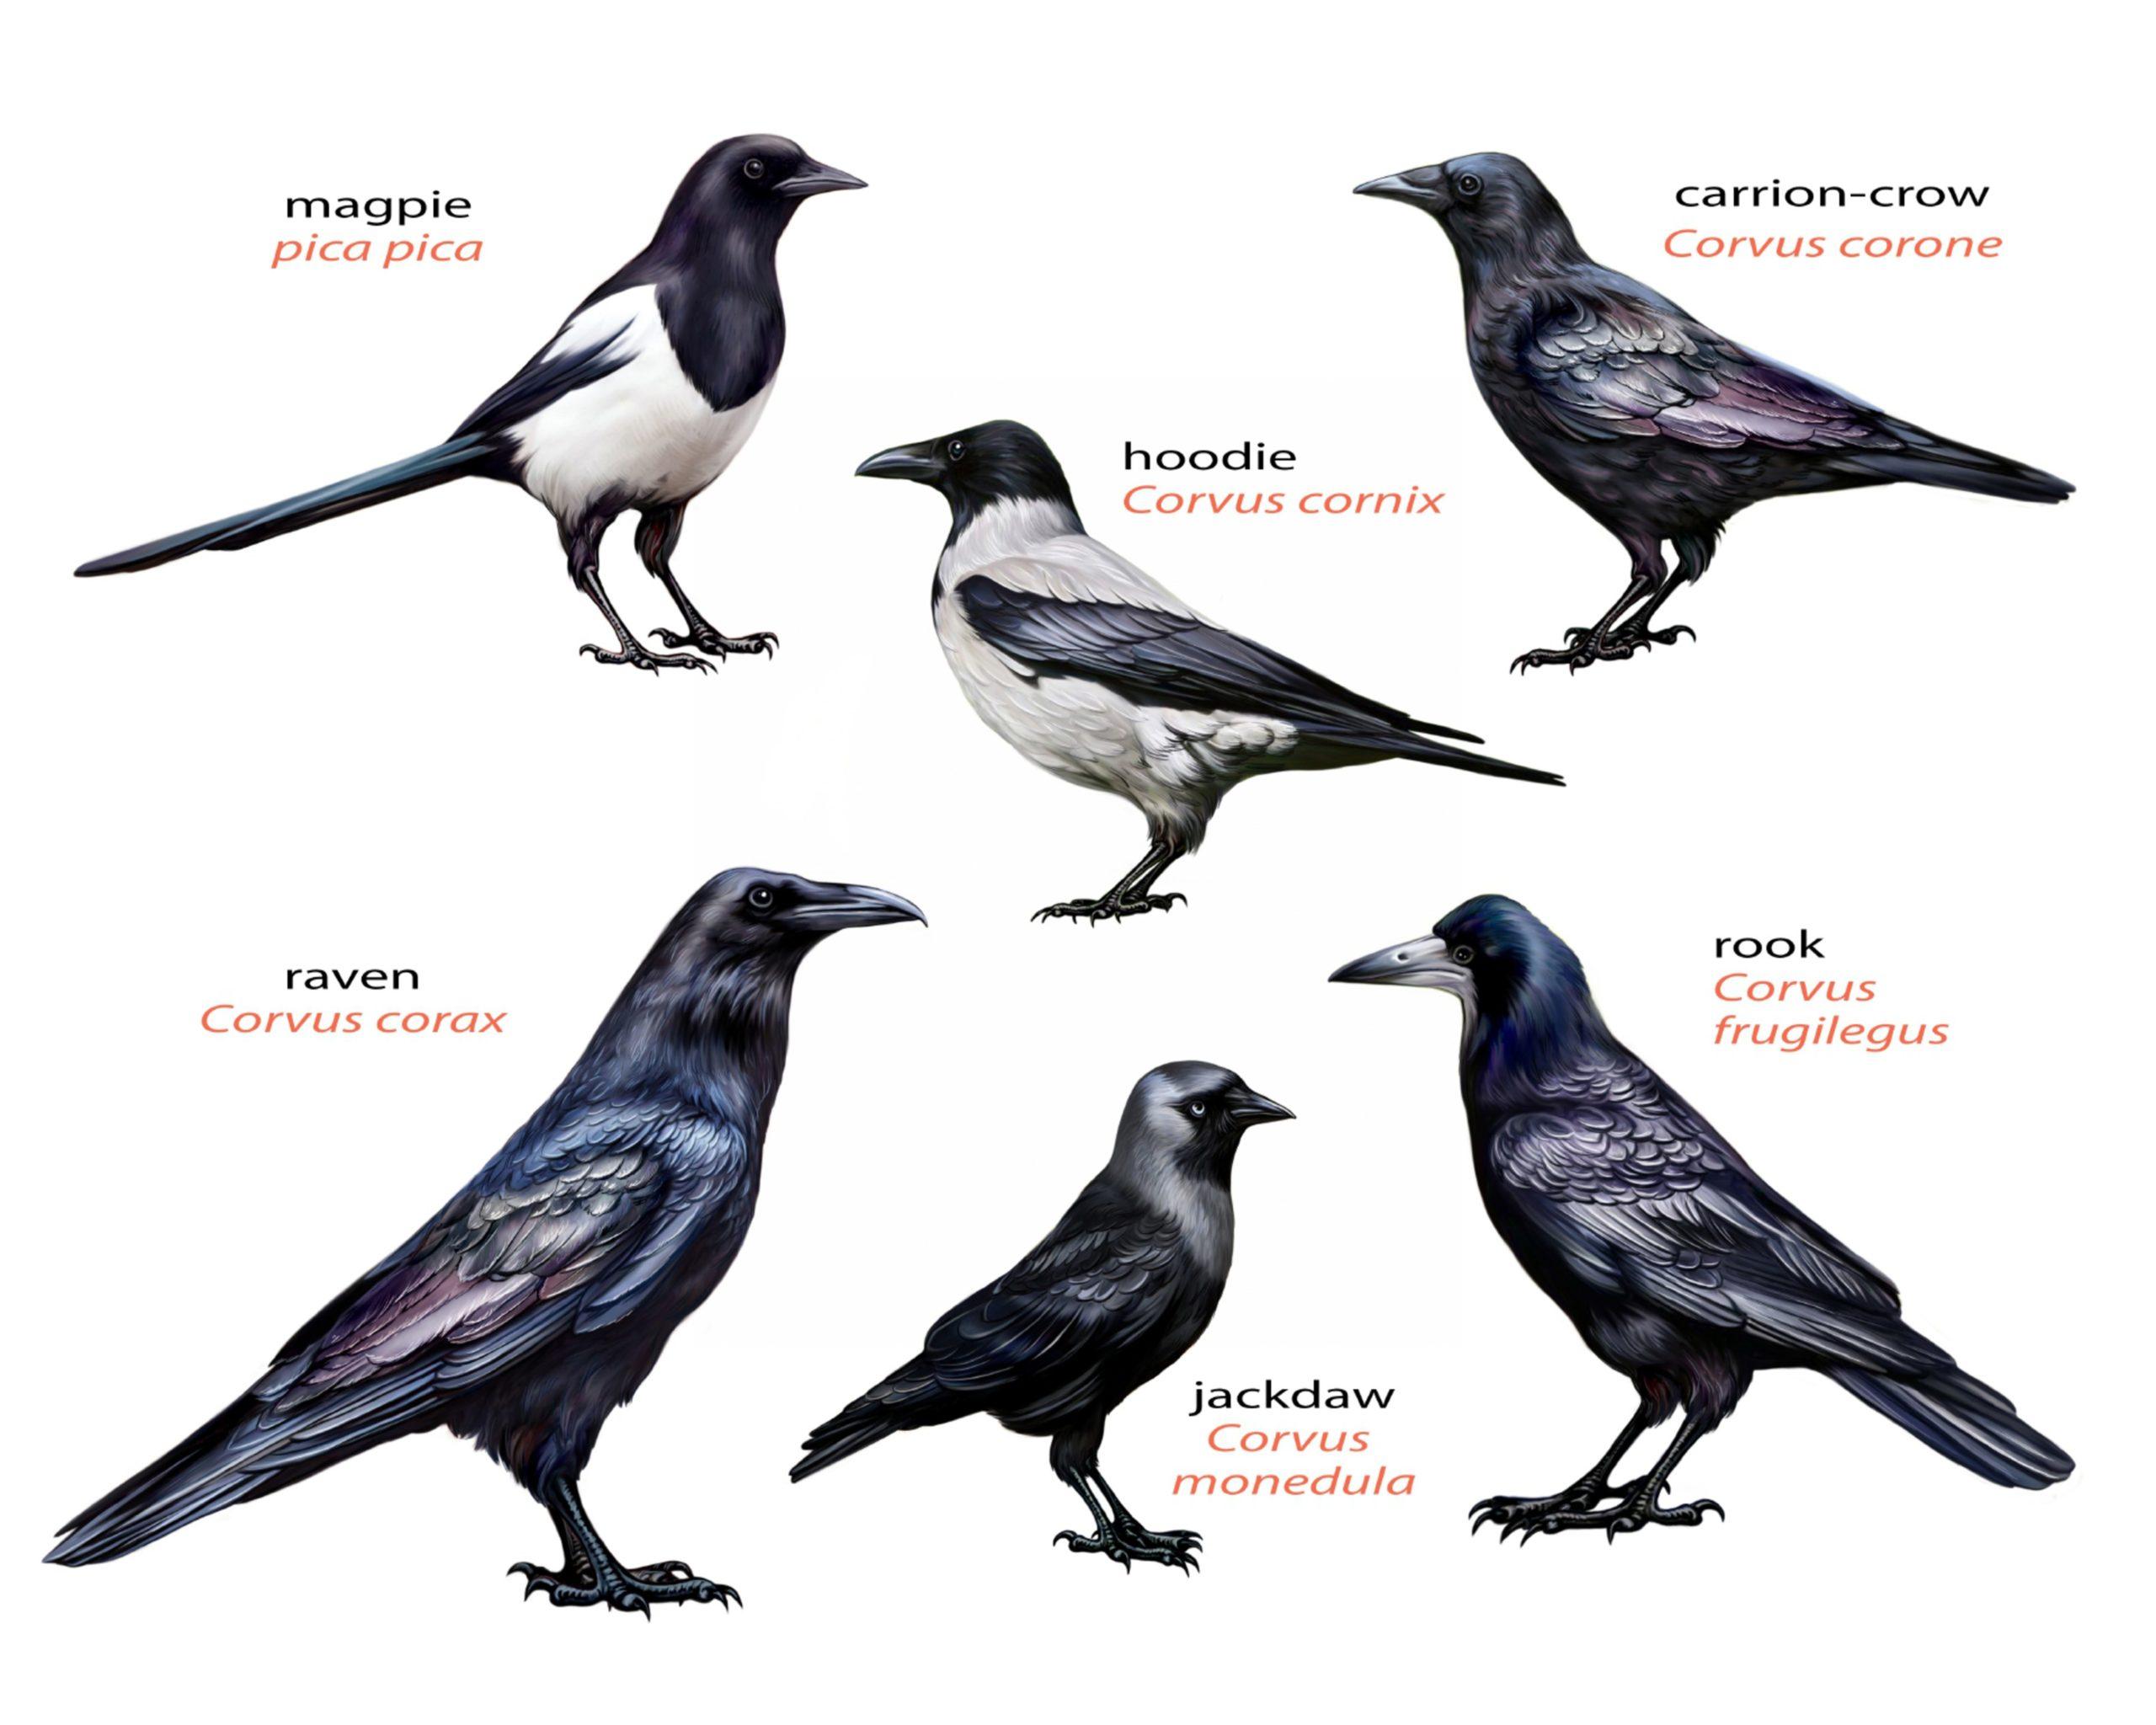 The corvid family